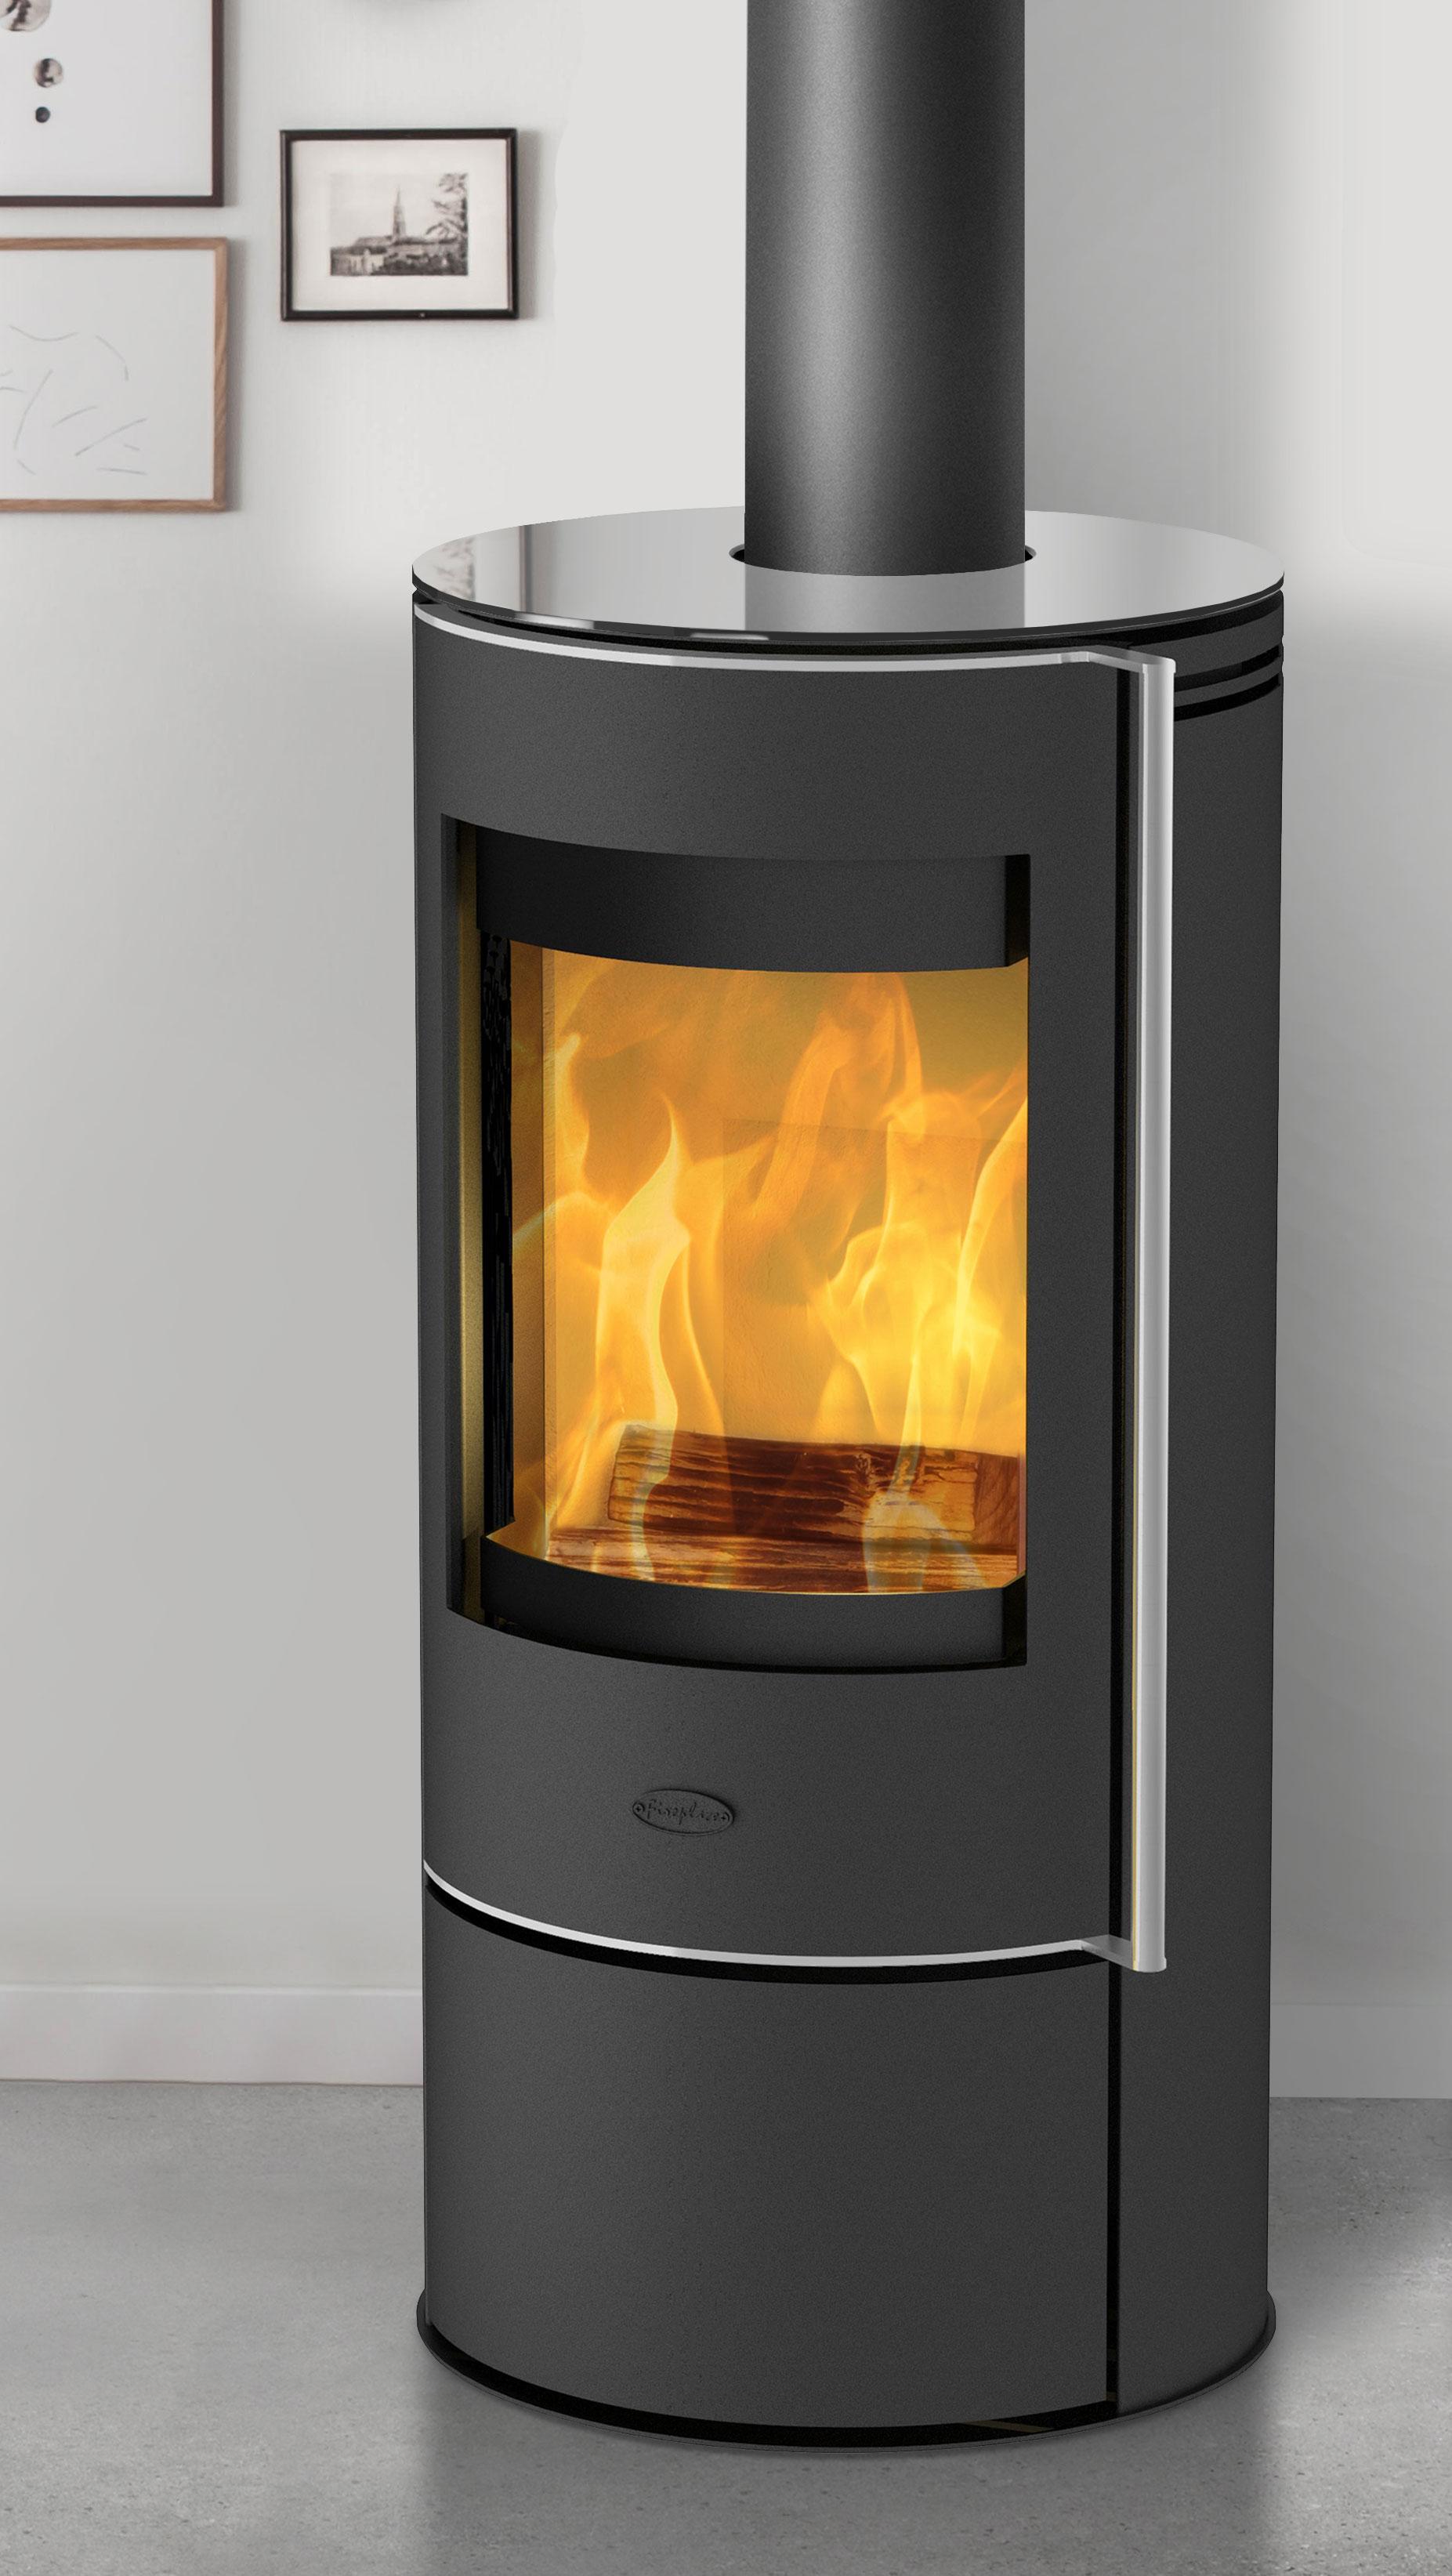 Turbo Kaminofen Fireplace Rondale Glas raumluftunabhängig 5kW - bei SW75